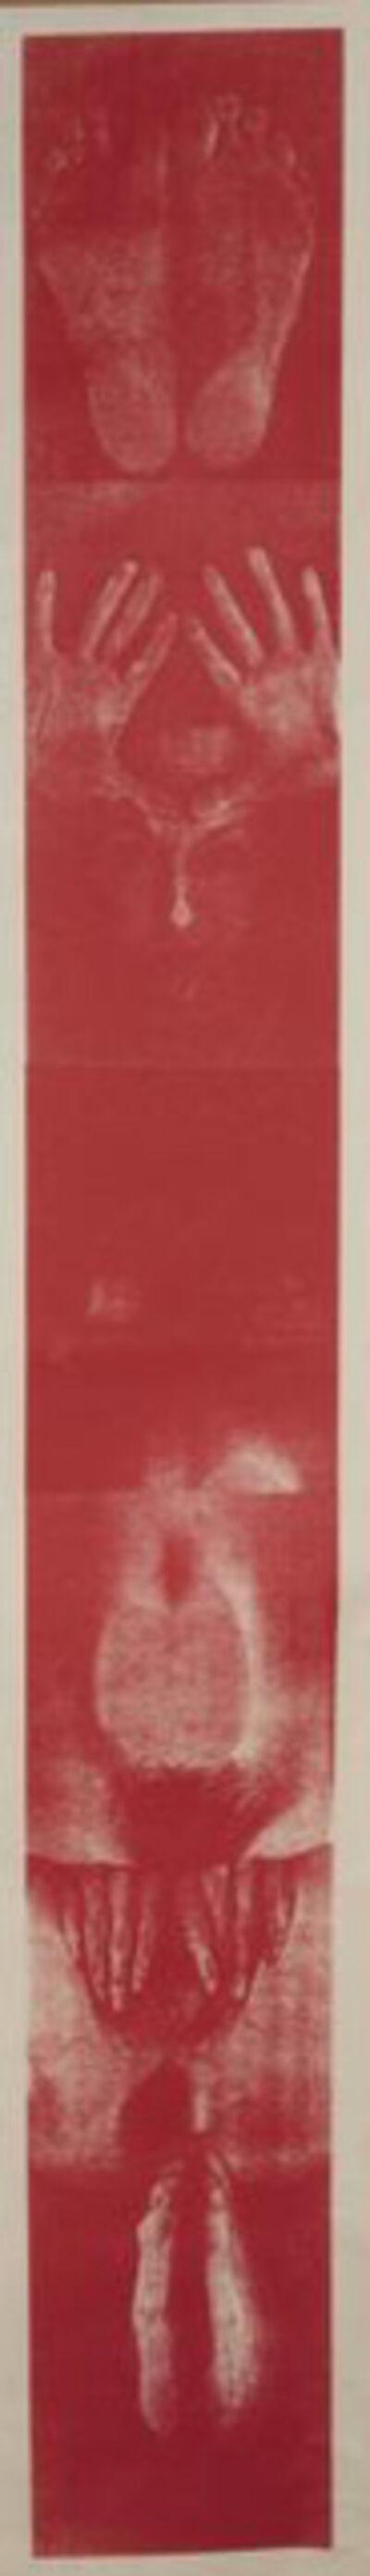 Penny Slinger, 'Woman Scroll', 1976